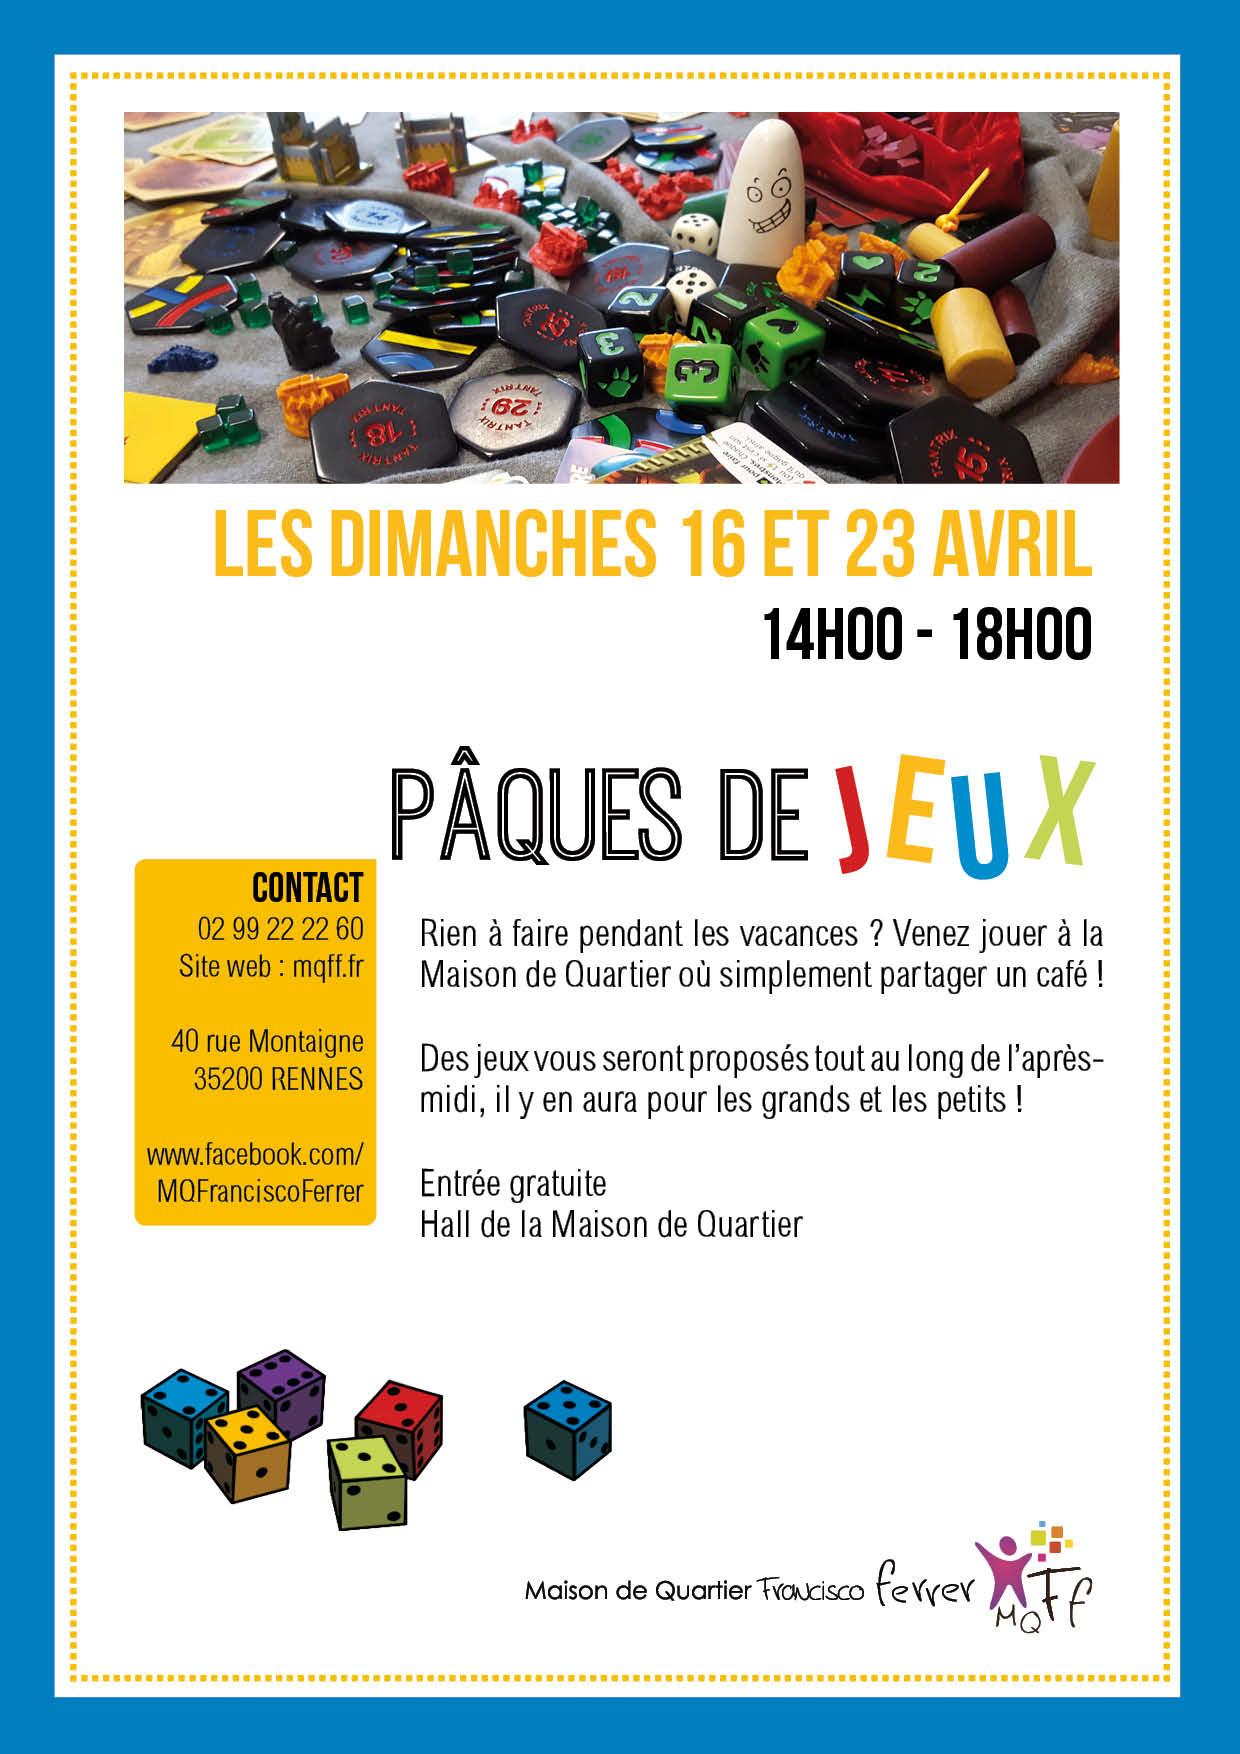 17-03-30_AFFICHE_paques de jeux.jpg